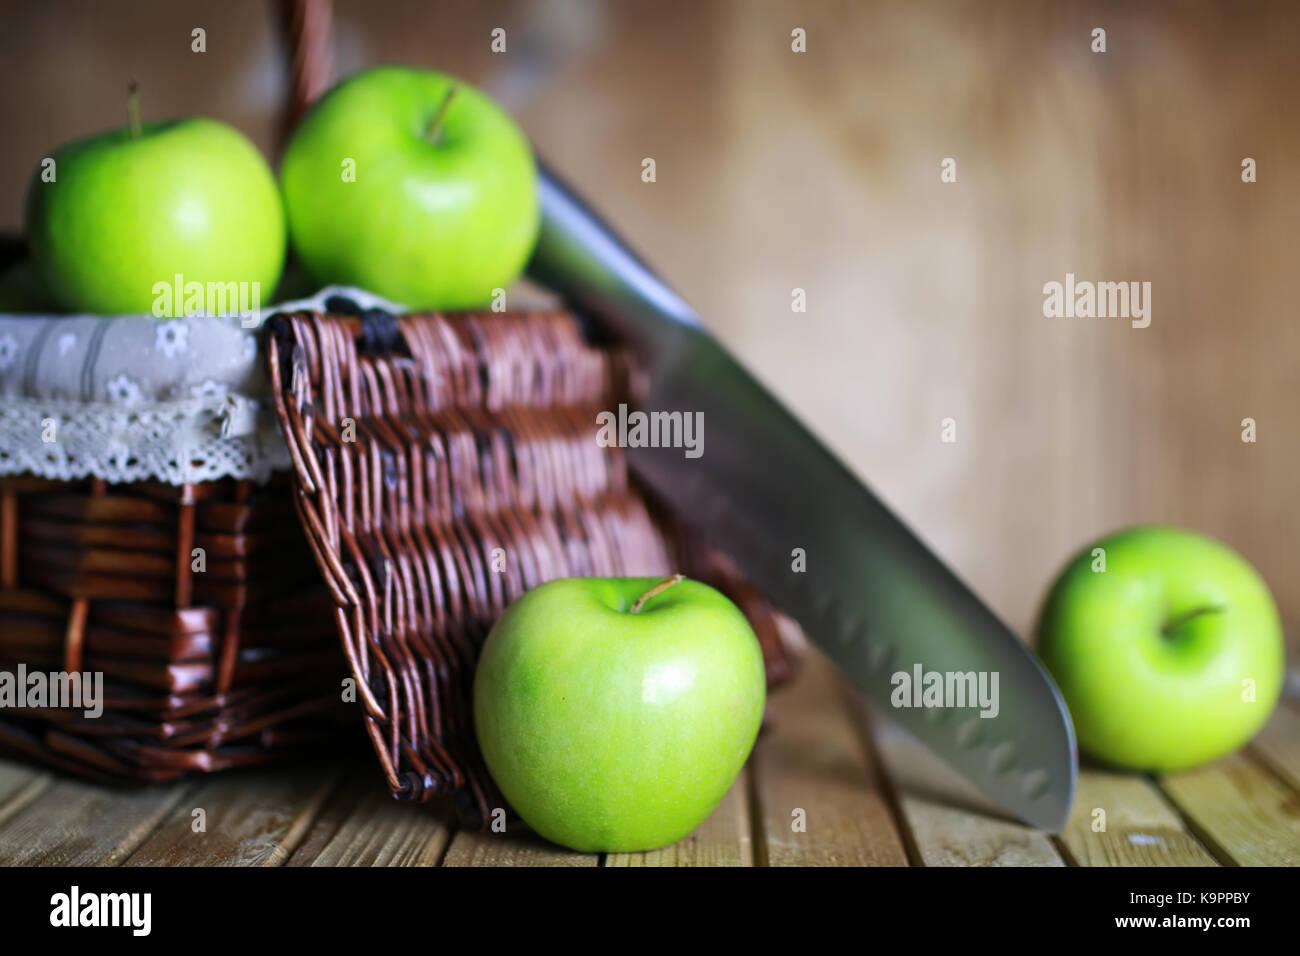 Dans un panier de pommes vertes Photo Stock